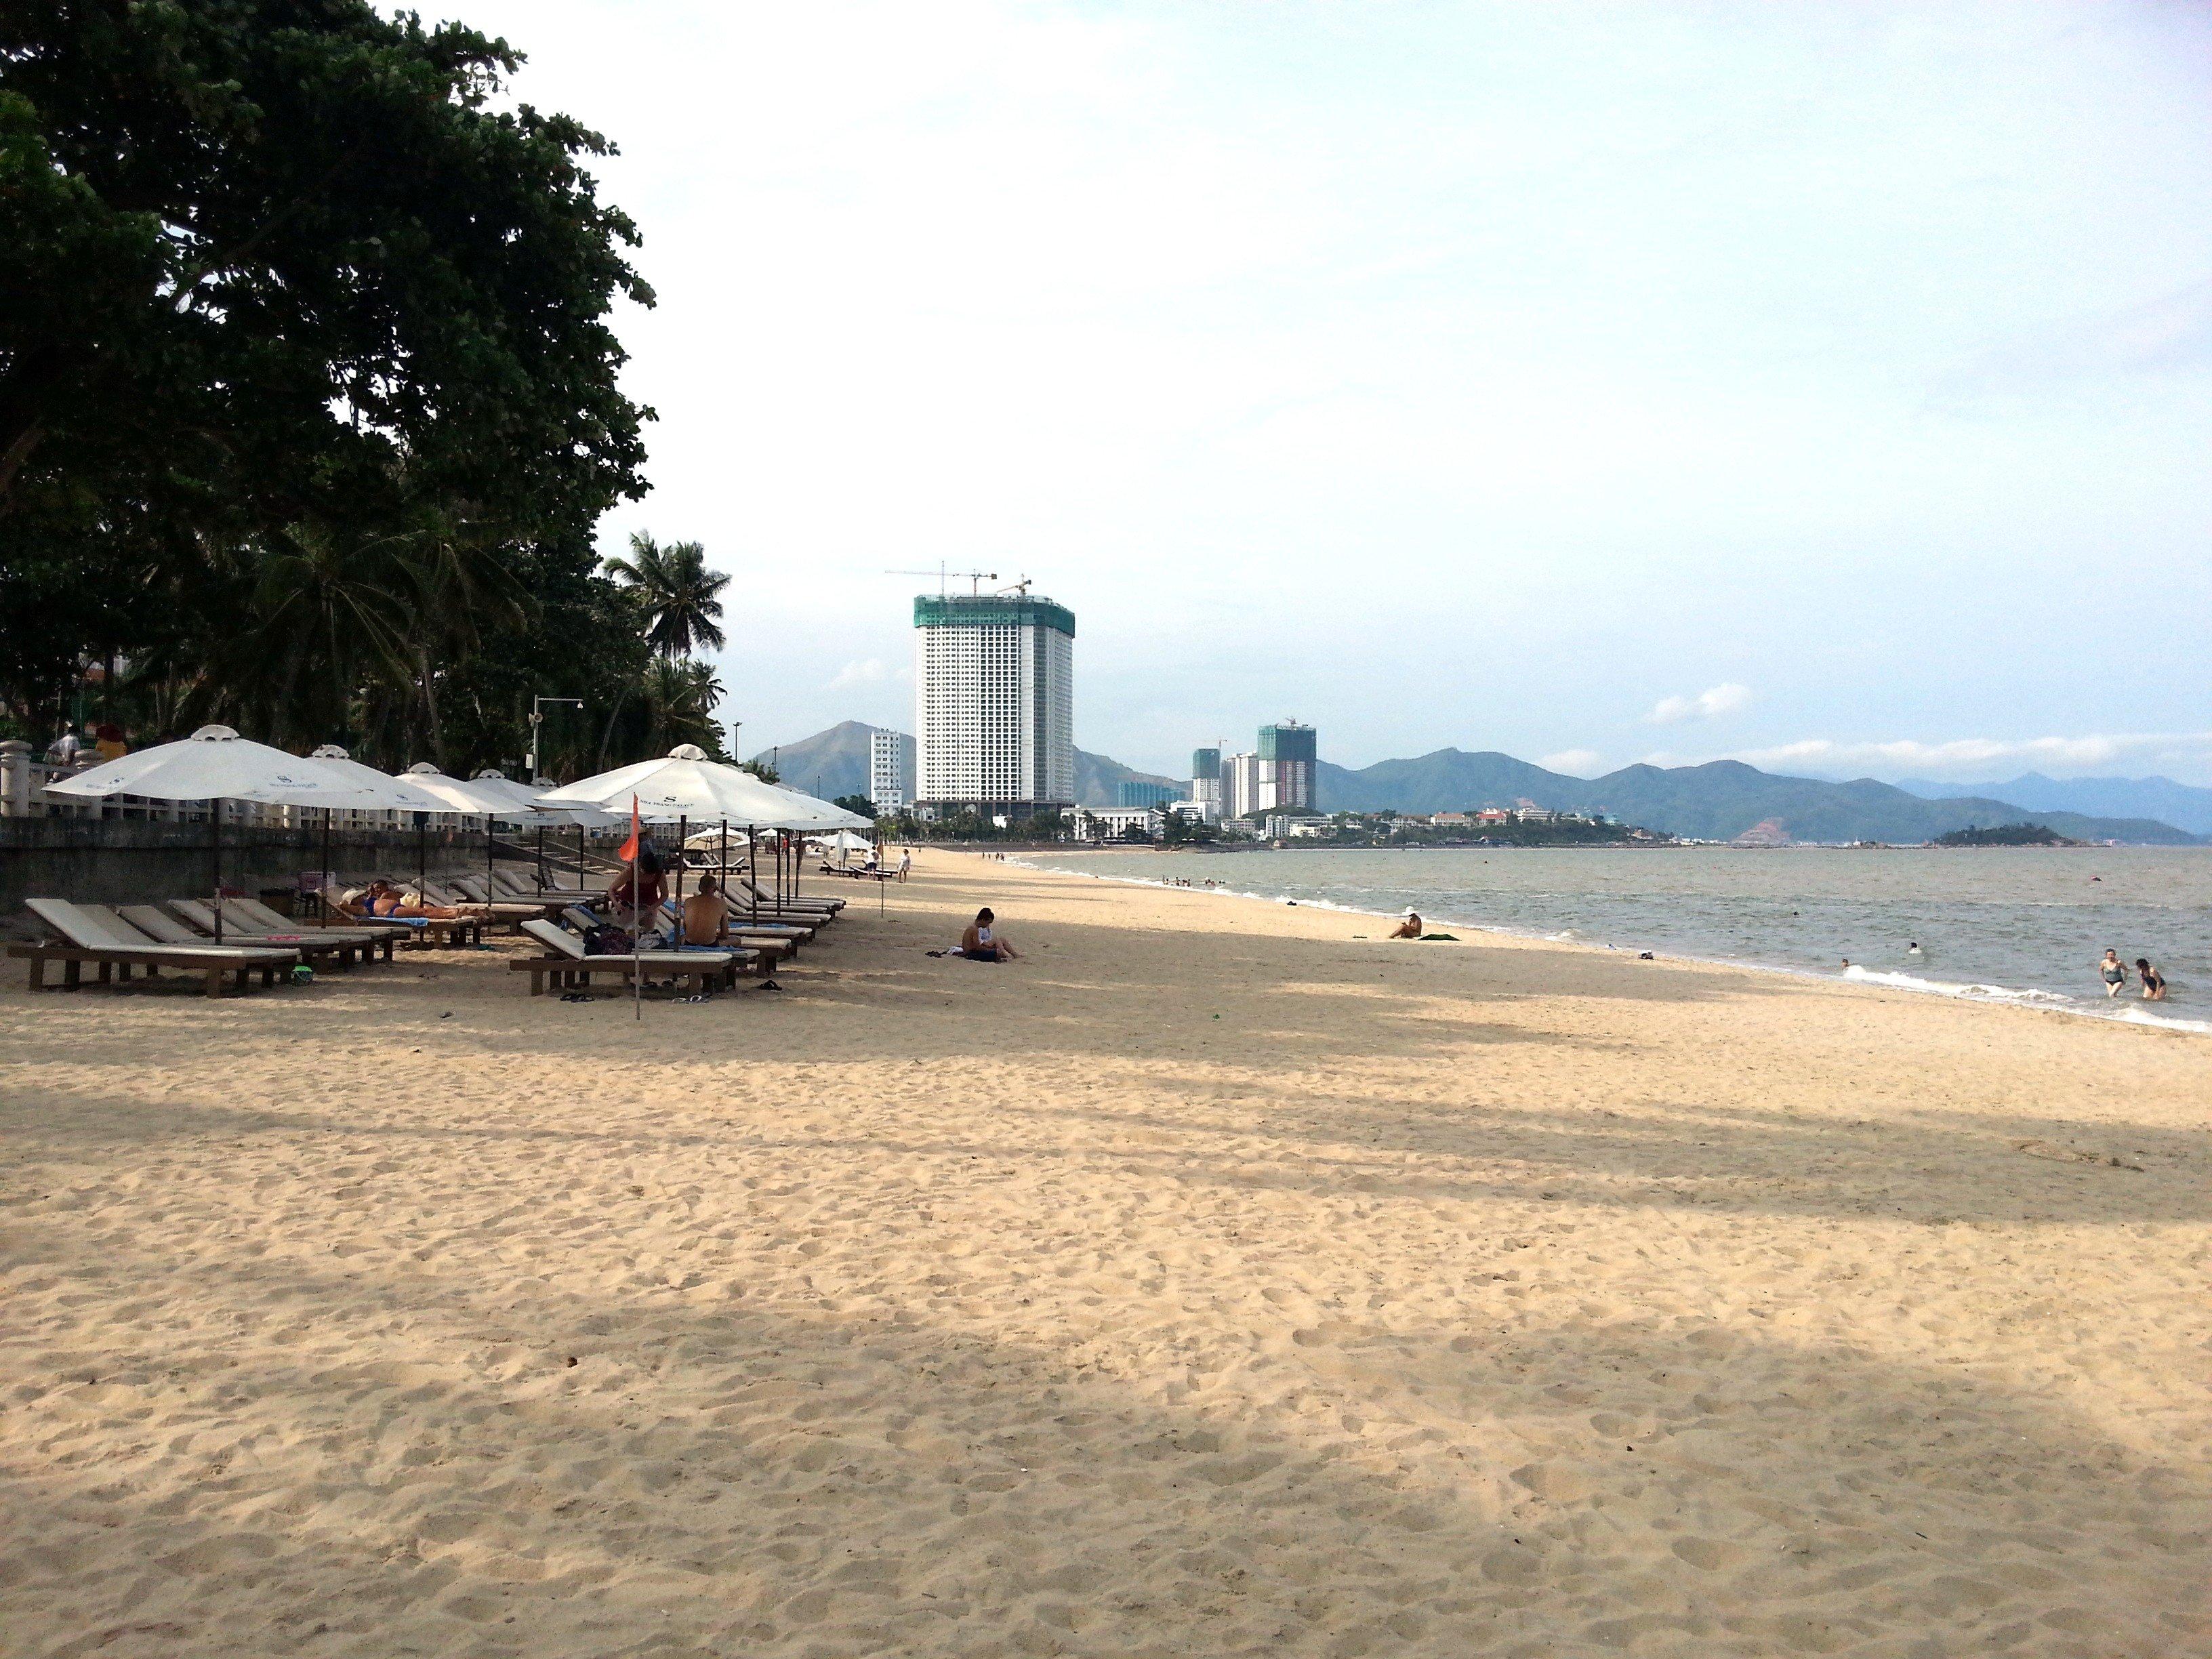 Looking north on Nha Trang Beach